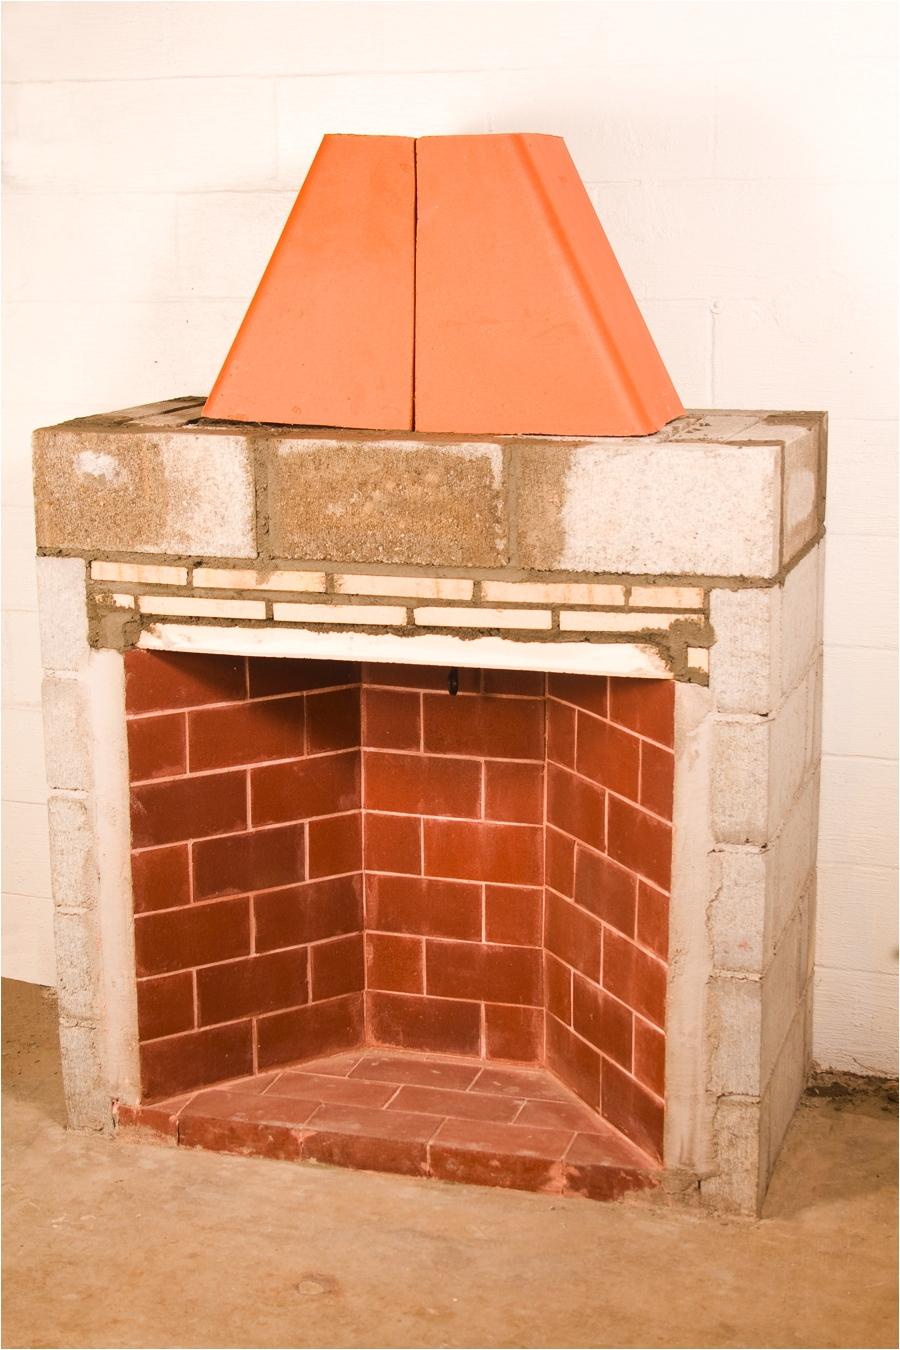 rumford fireplace smoke chamber